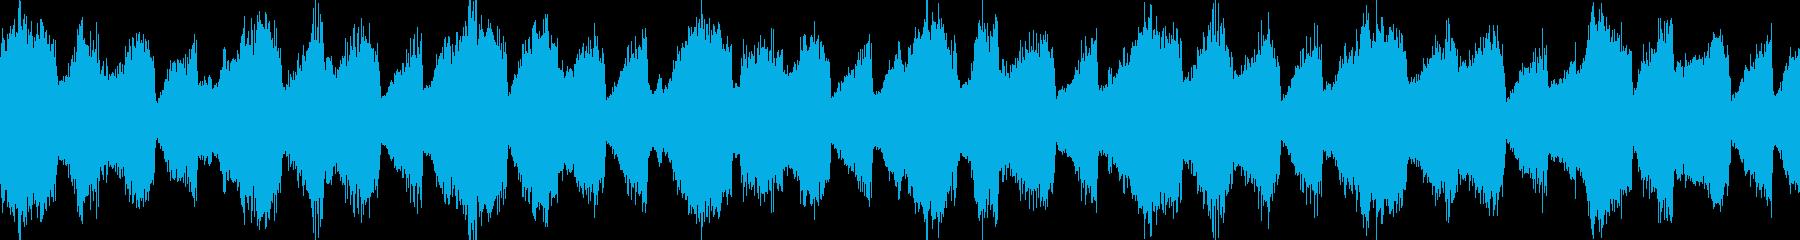 ループする神秘的なBGMの再生済みの波形